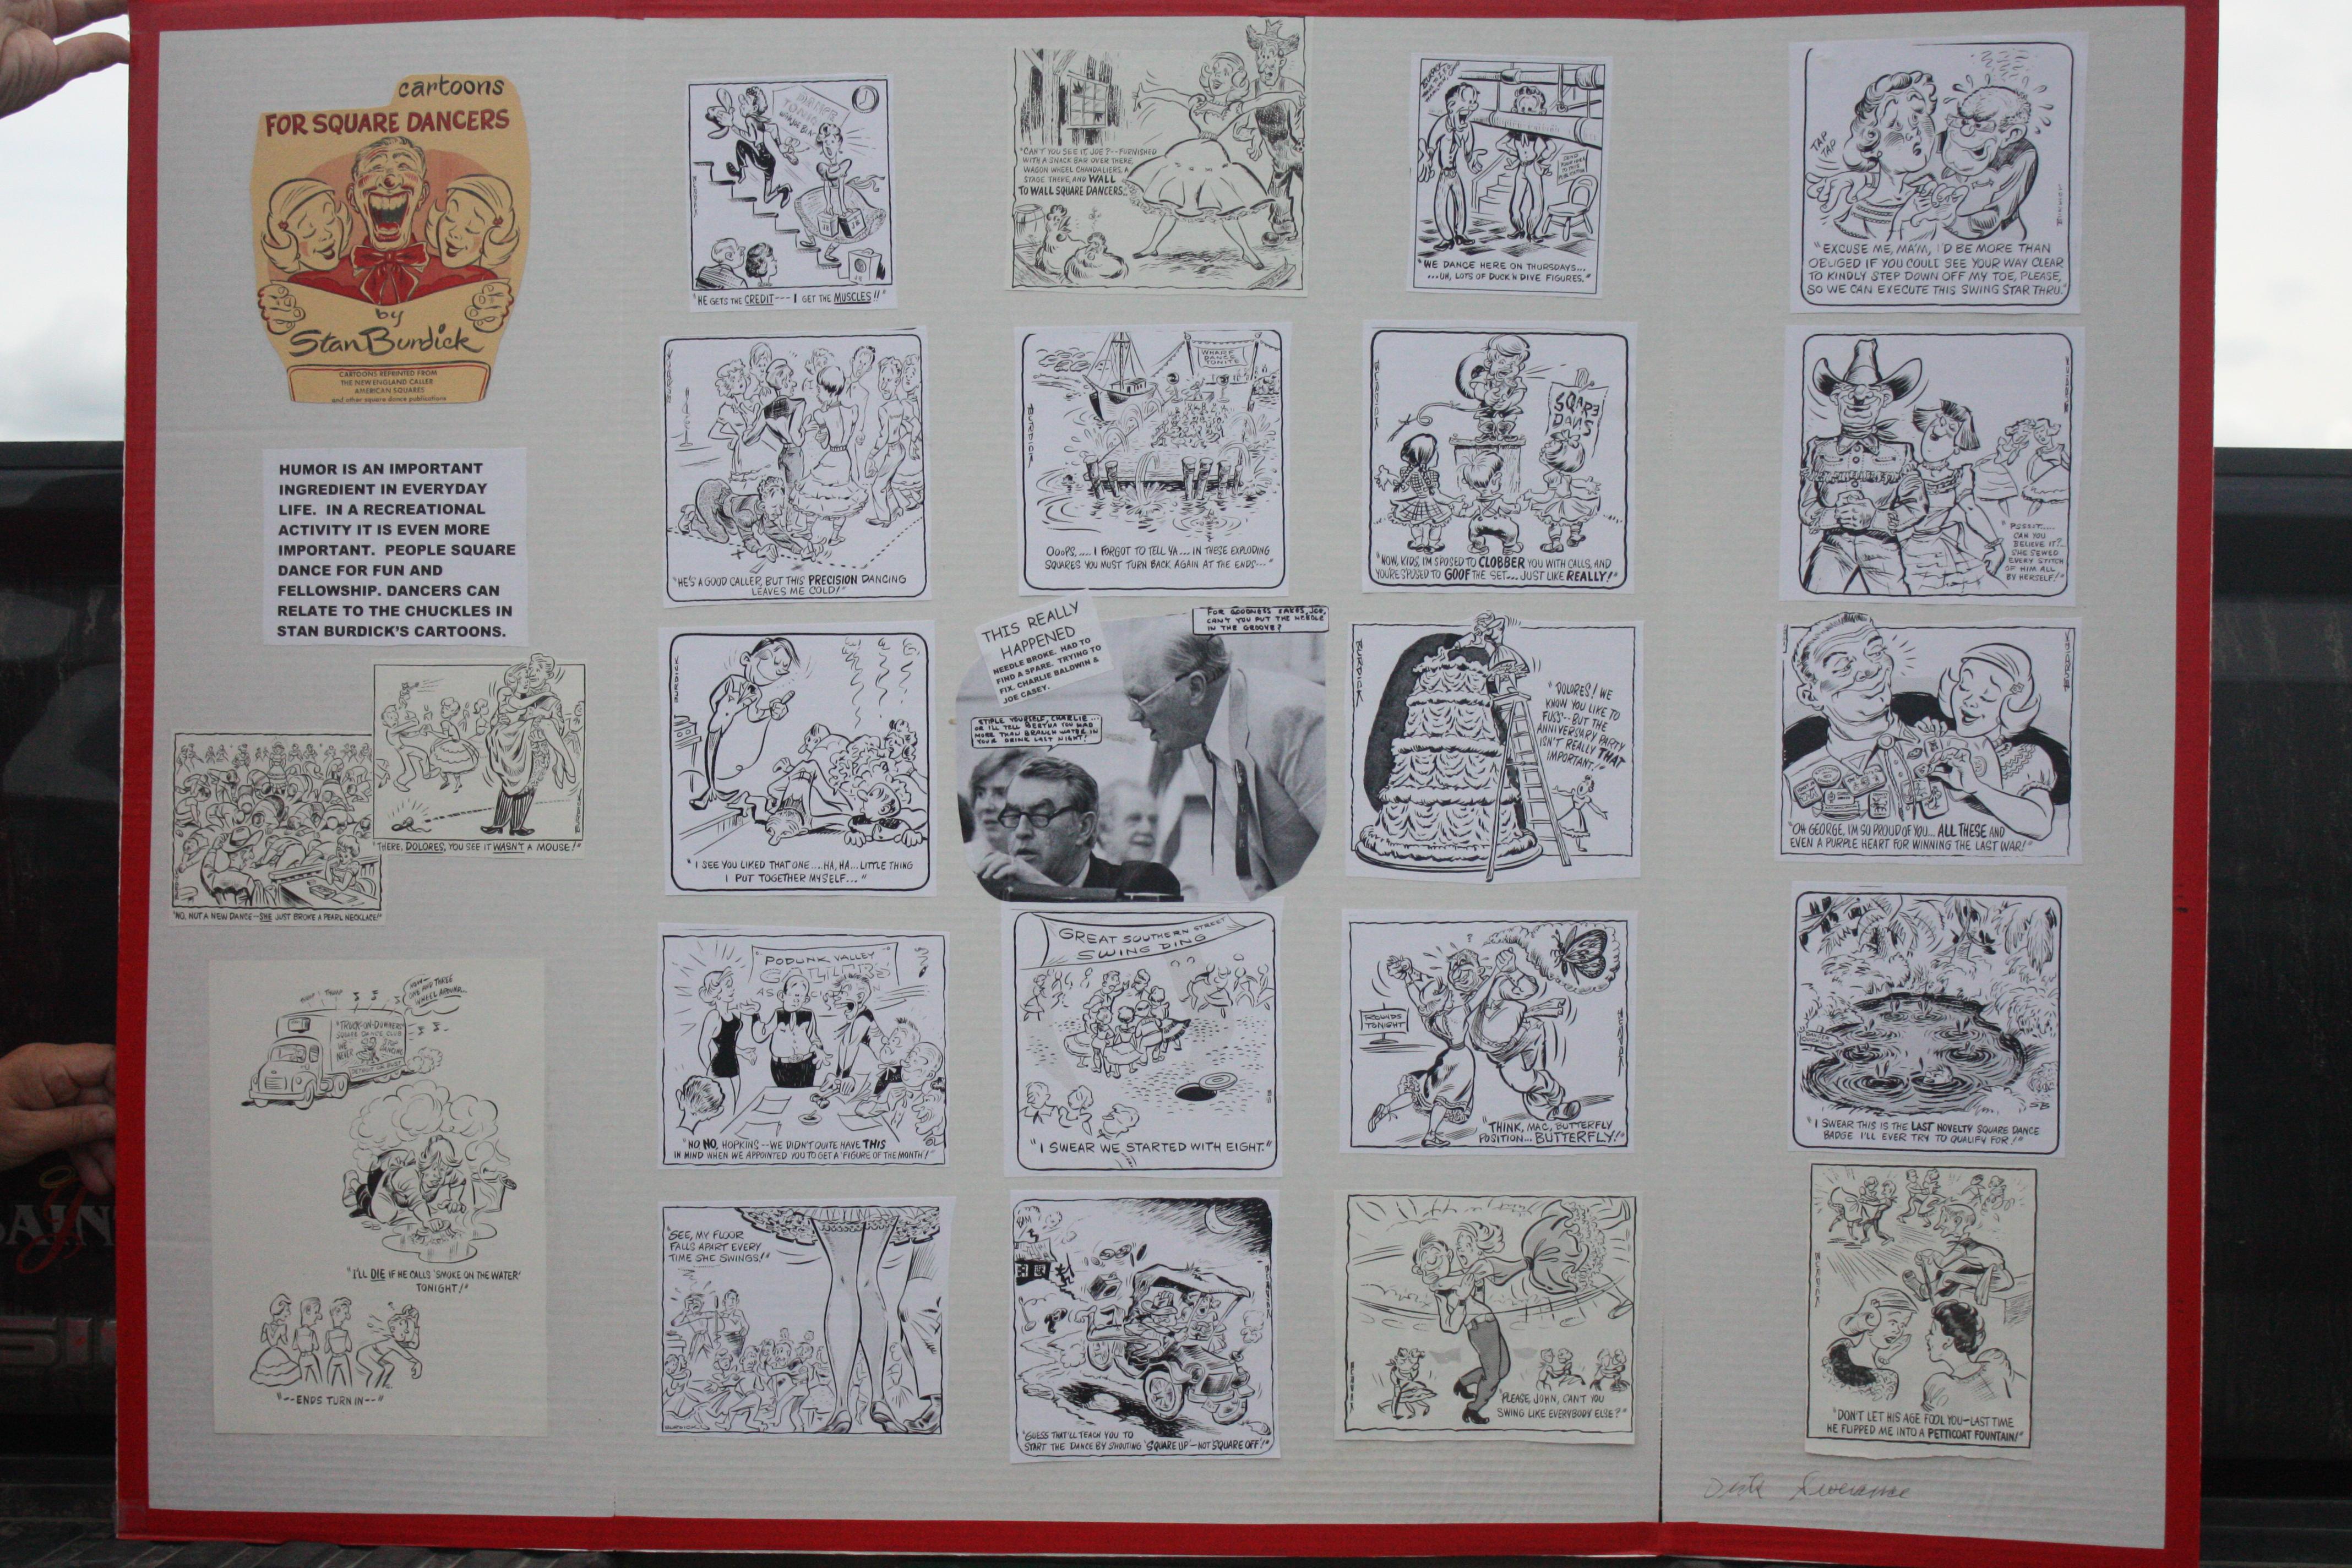 Panel #19(Burdick Cartoons)